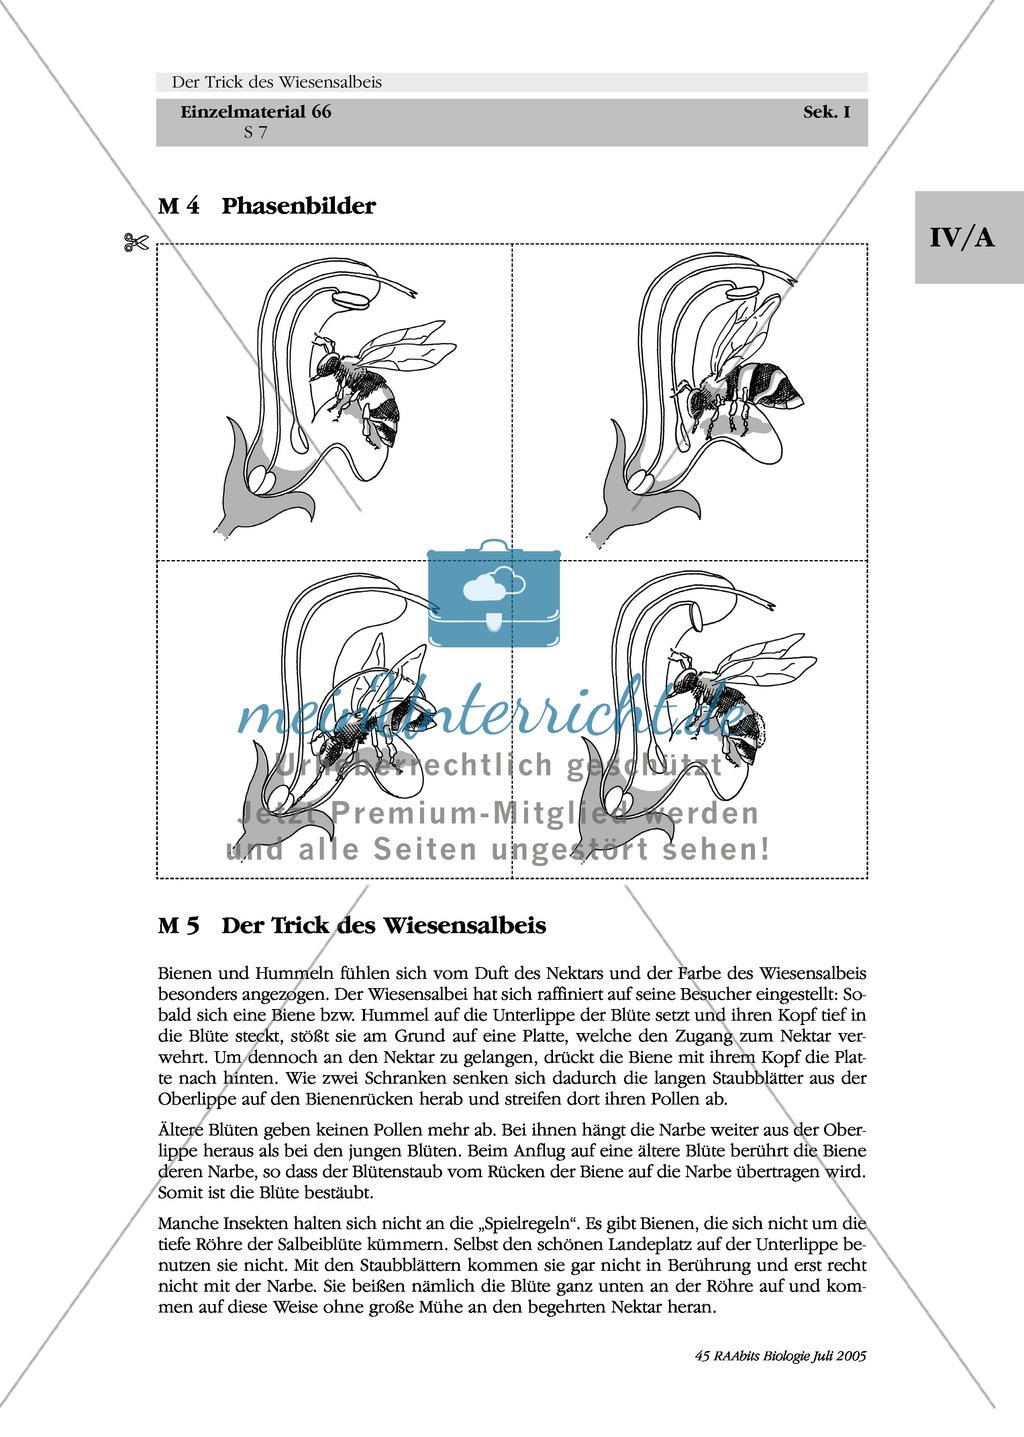 Wiesensalbei - ein Vertreter der Lippenblütler: Morphologie des Wiesensalbeis + Ablauf des Pollenschlagwerks Preview 1